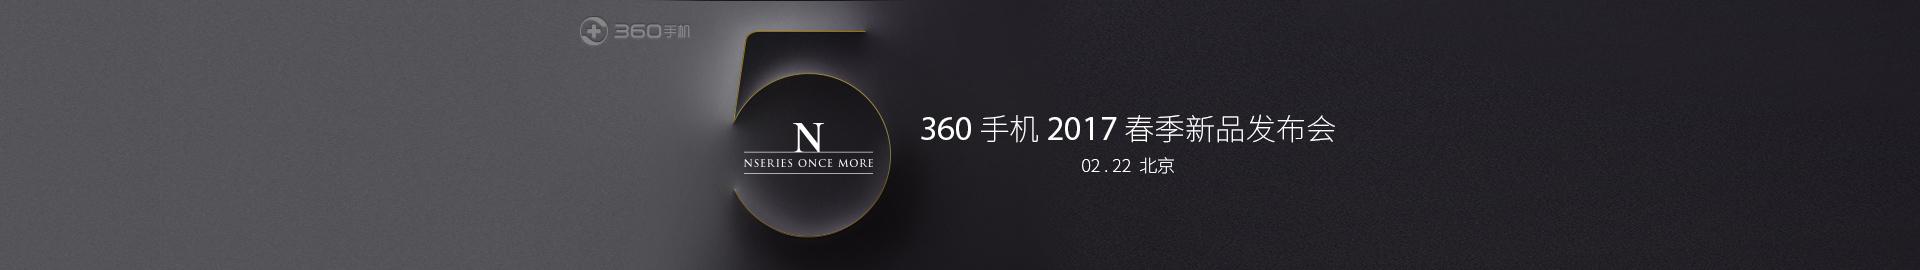 凭什么超越经典? 360手机N5新品有奖直播